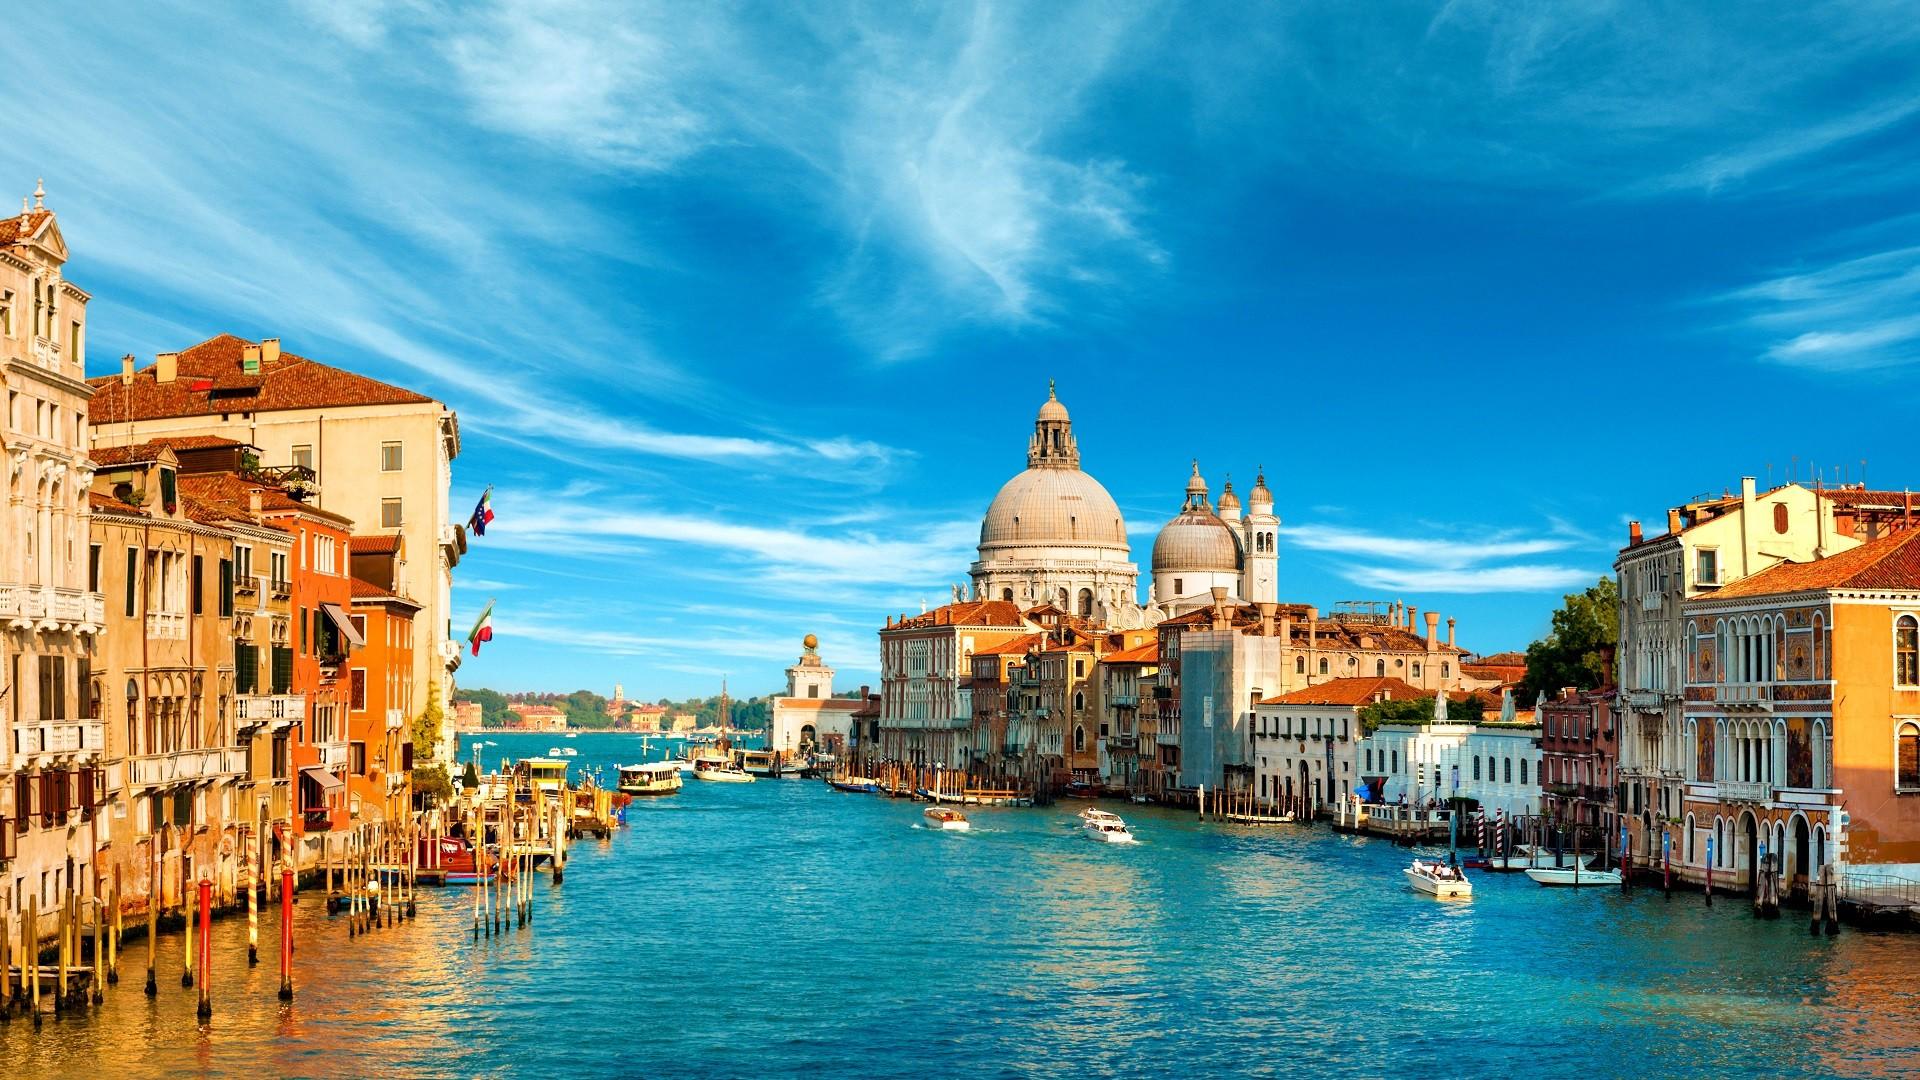 спектакль италия все города фото гамзатов познакомился